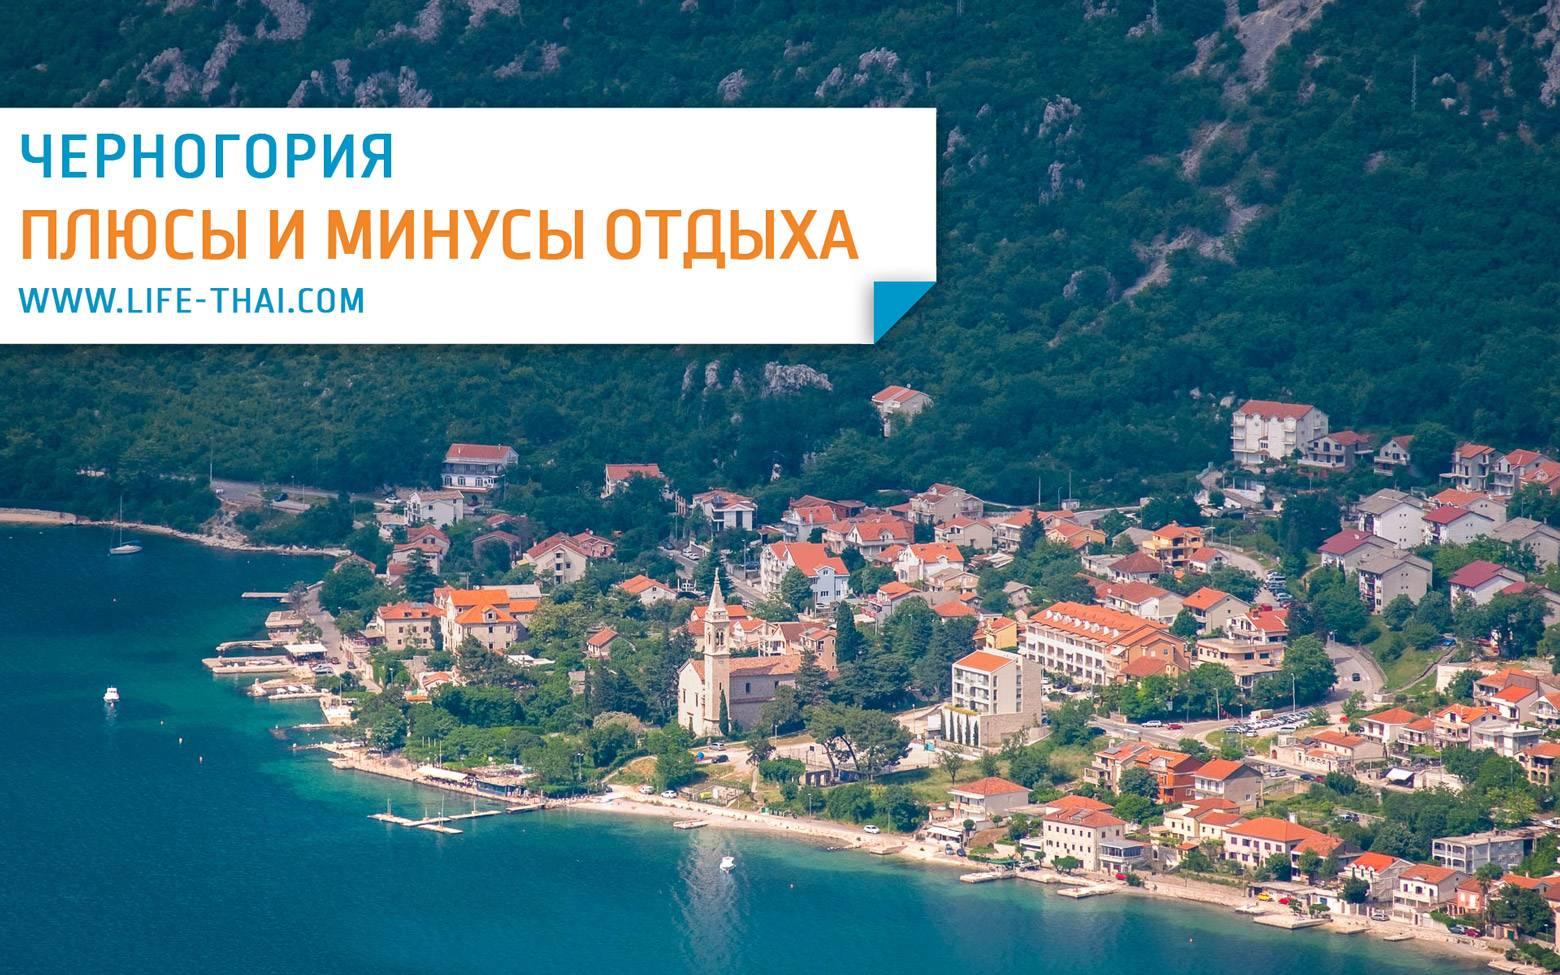 Русско-черногорский разговорник для туристов (путешественников) с произношением